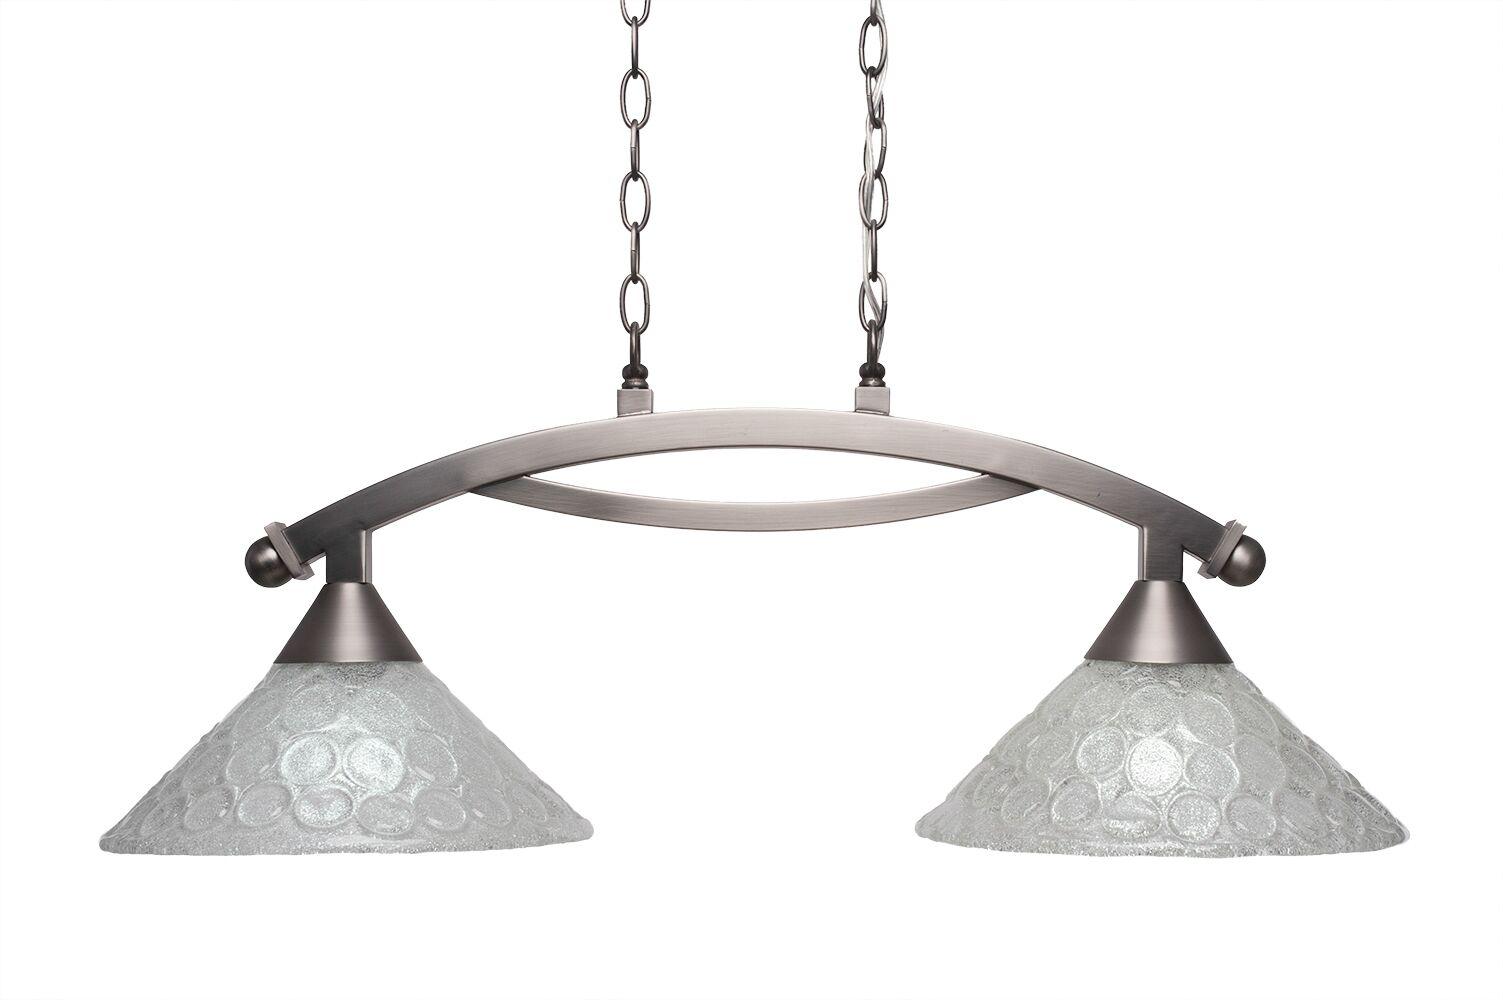 Eisenhauer 2-Light Glass Shade Kitchen Island Pendant Finish: Brushed Nickel